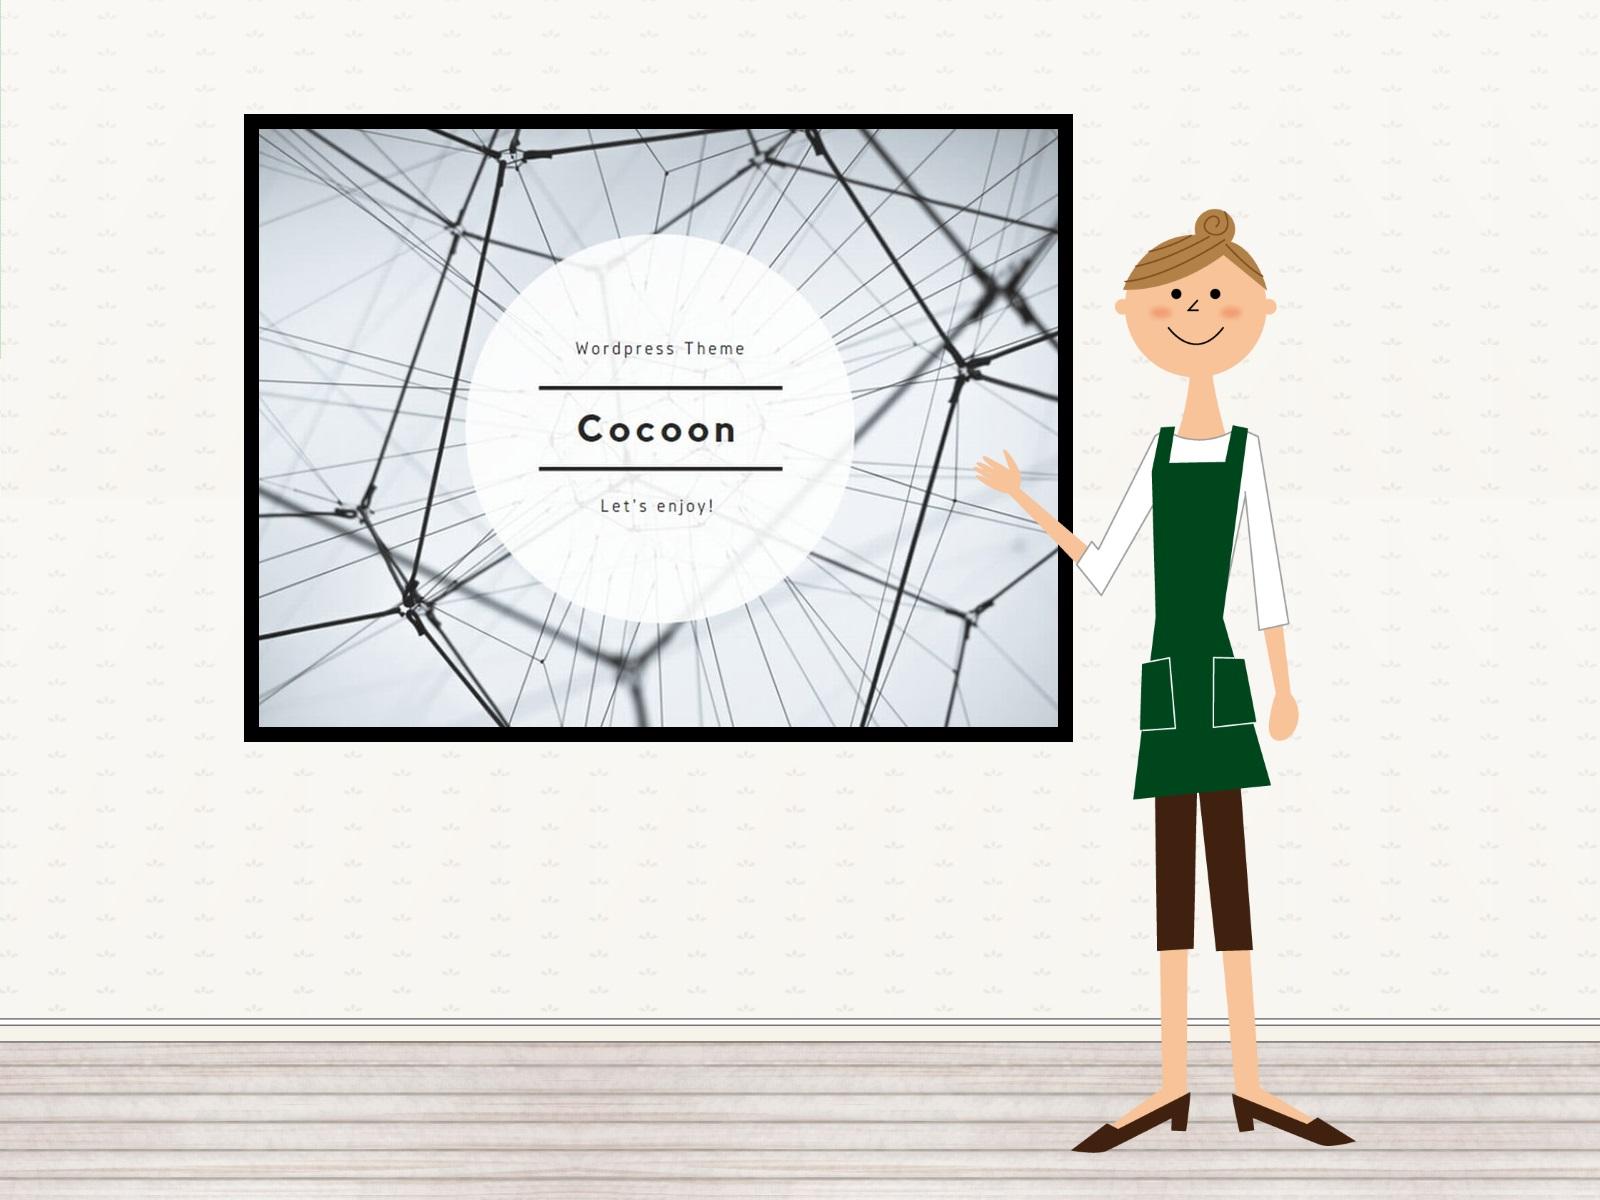 ワードプレステーマ「Cocoon」のイメージ画像